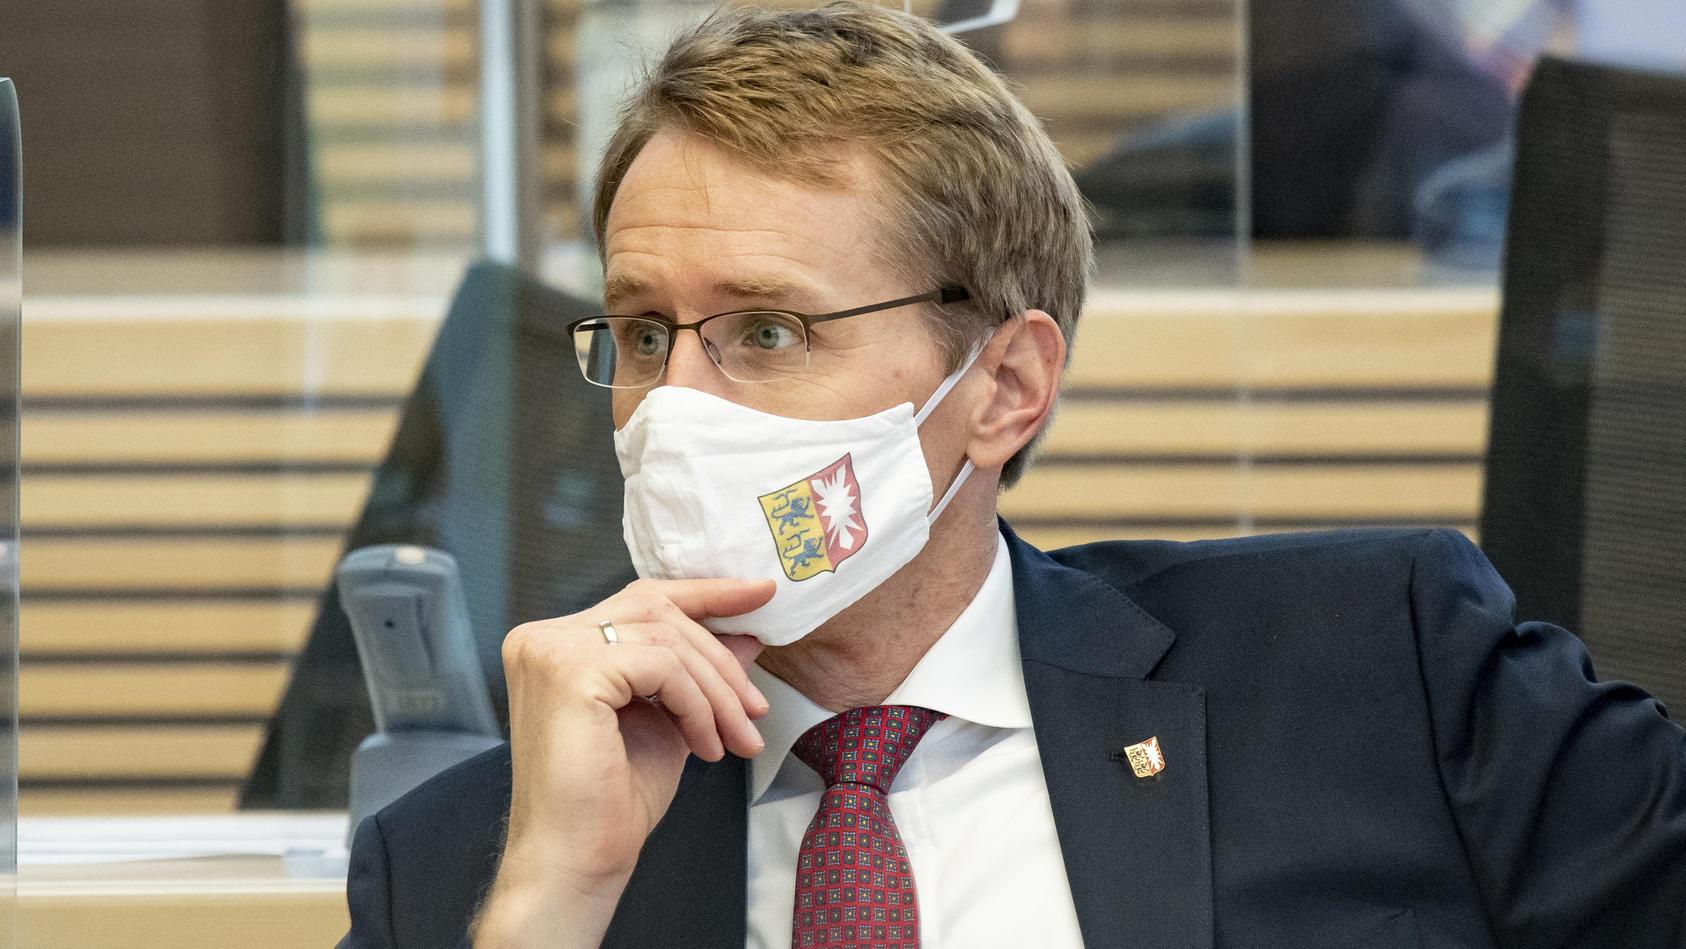 Ganztägige Experten-Anhörung im Landtag